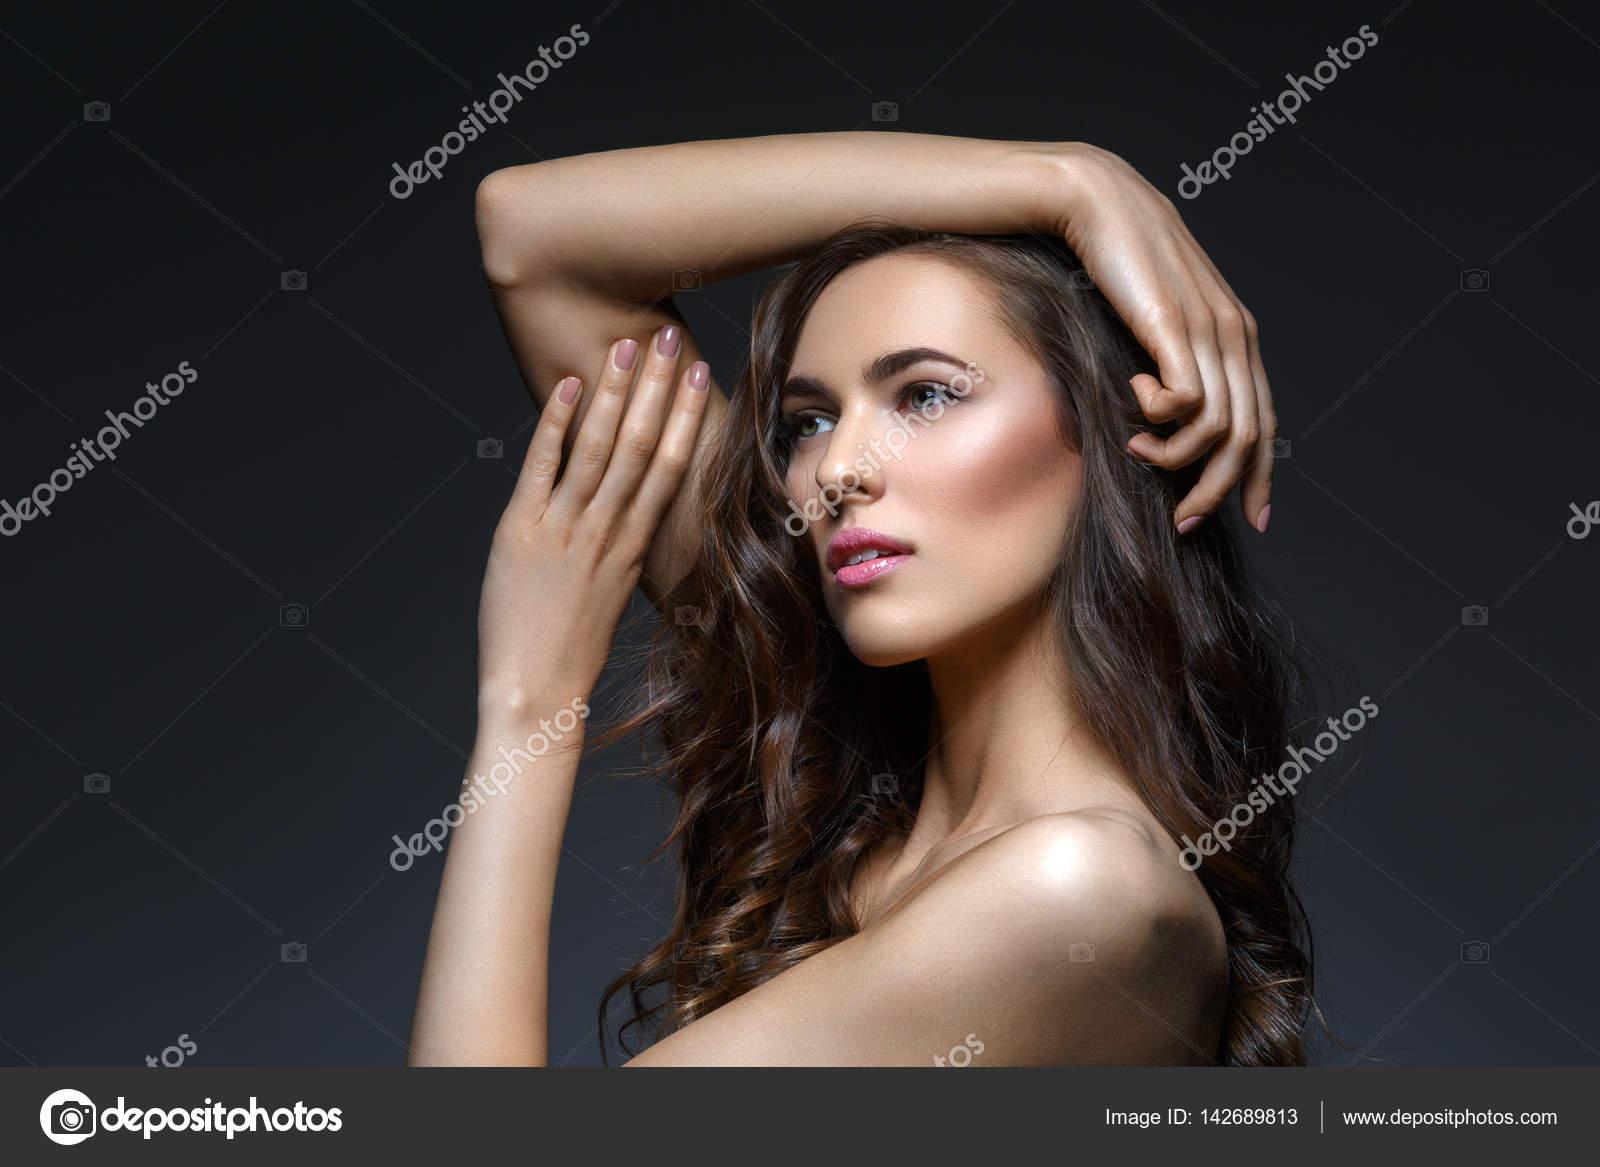 seksualnie-bryunetki-s-gustimi-volosami-foto-golaya-laura-gemser-fotografii